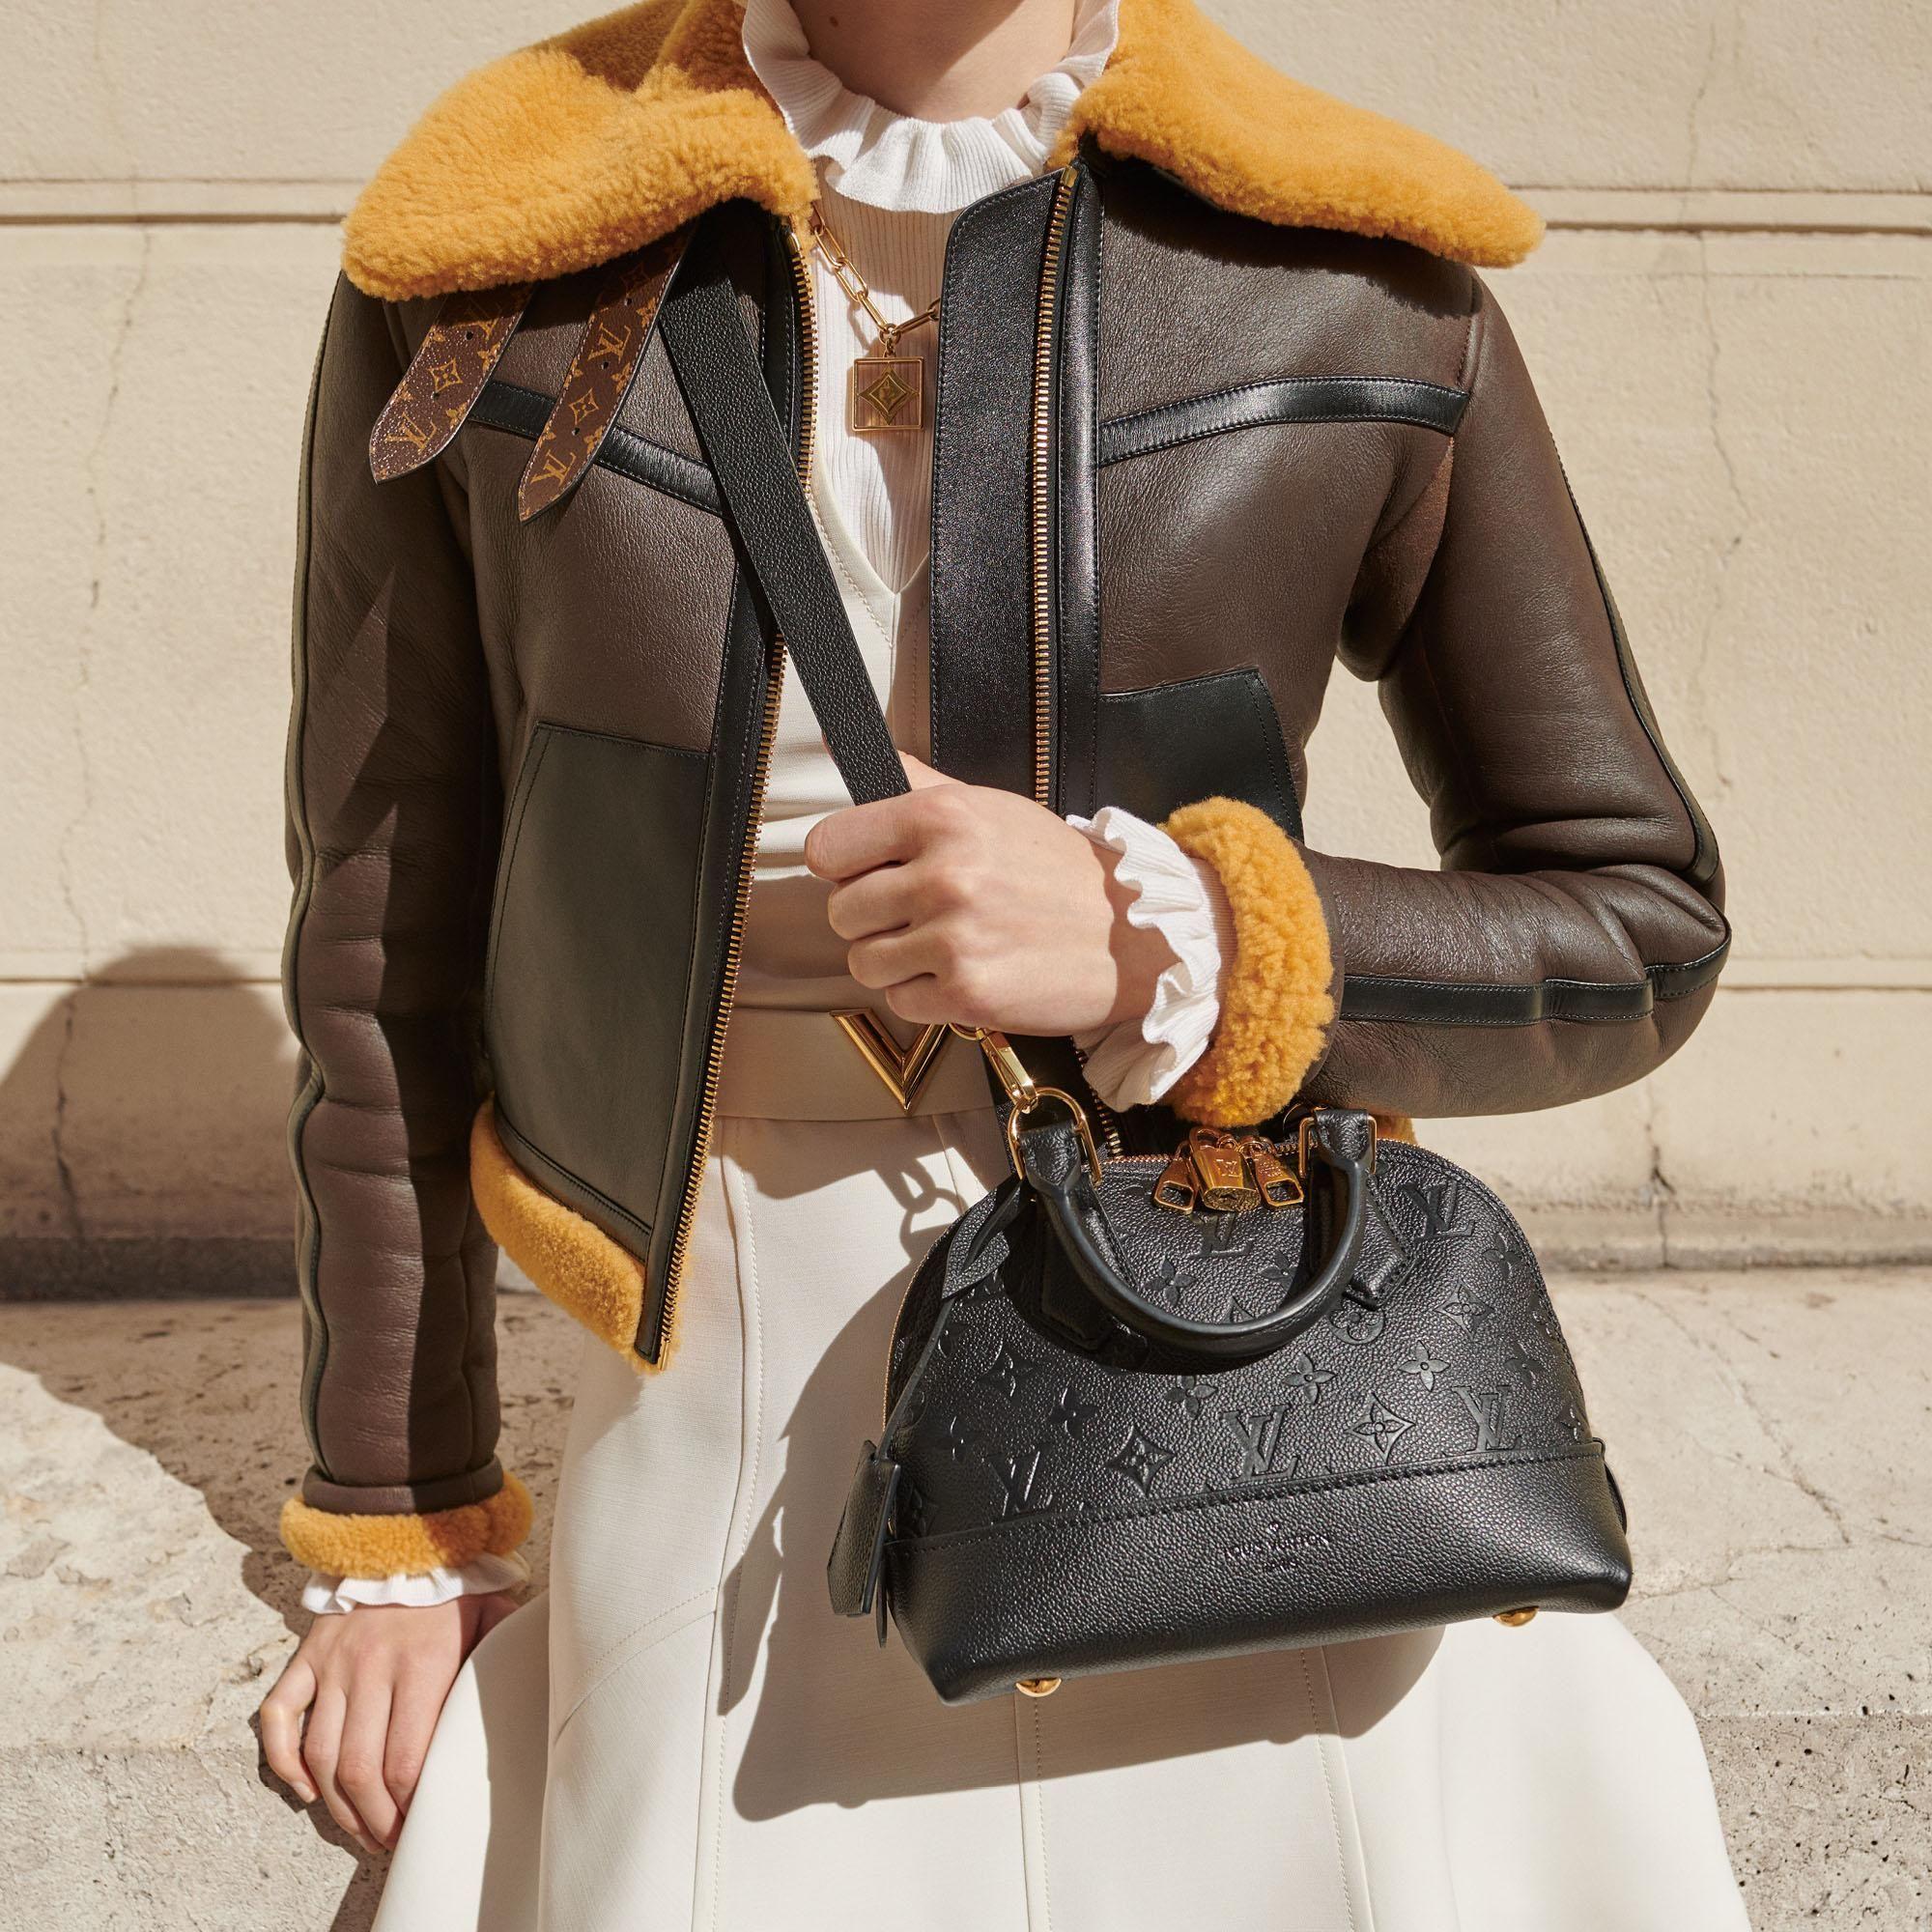 Neo Alma Bb Monogram Empreinte Leather Handbags Louis Vuitton In 2020 Louis Vuitton Alma Louis Vuitton Vuitton Outfit